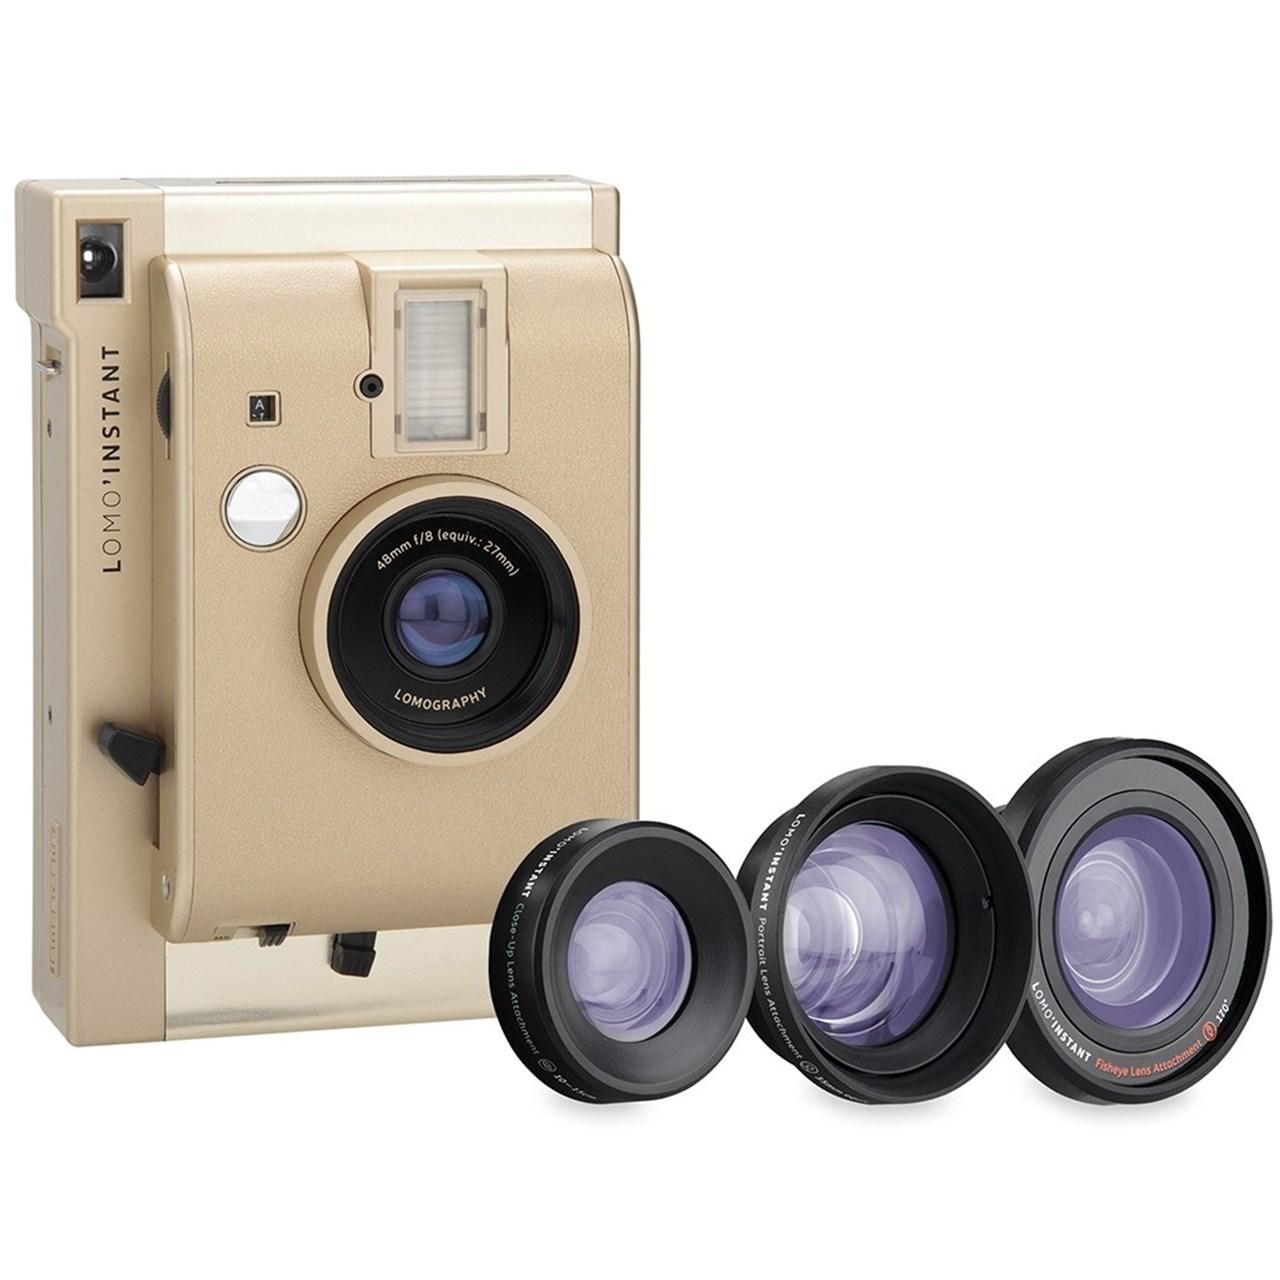 فروش نقدی و اقساطی دوربین چاپ سریع لوموگرافی مدل Yangon به همراه لنز